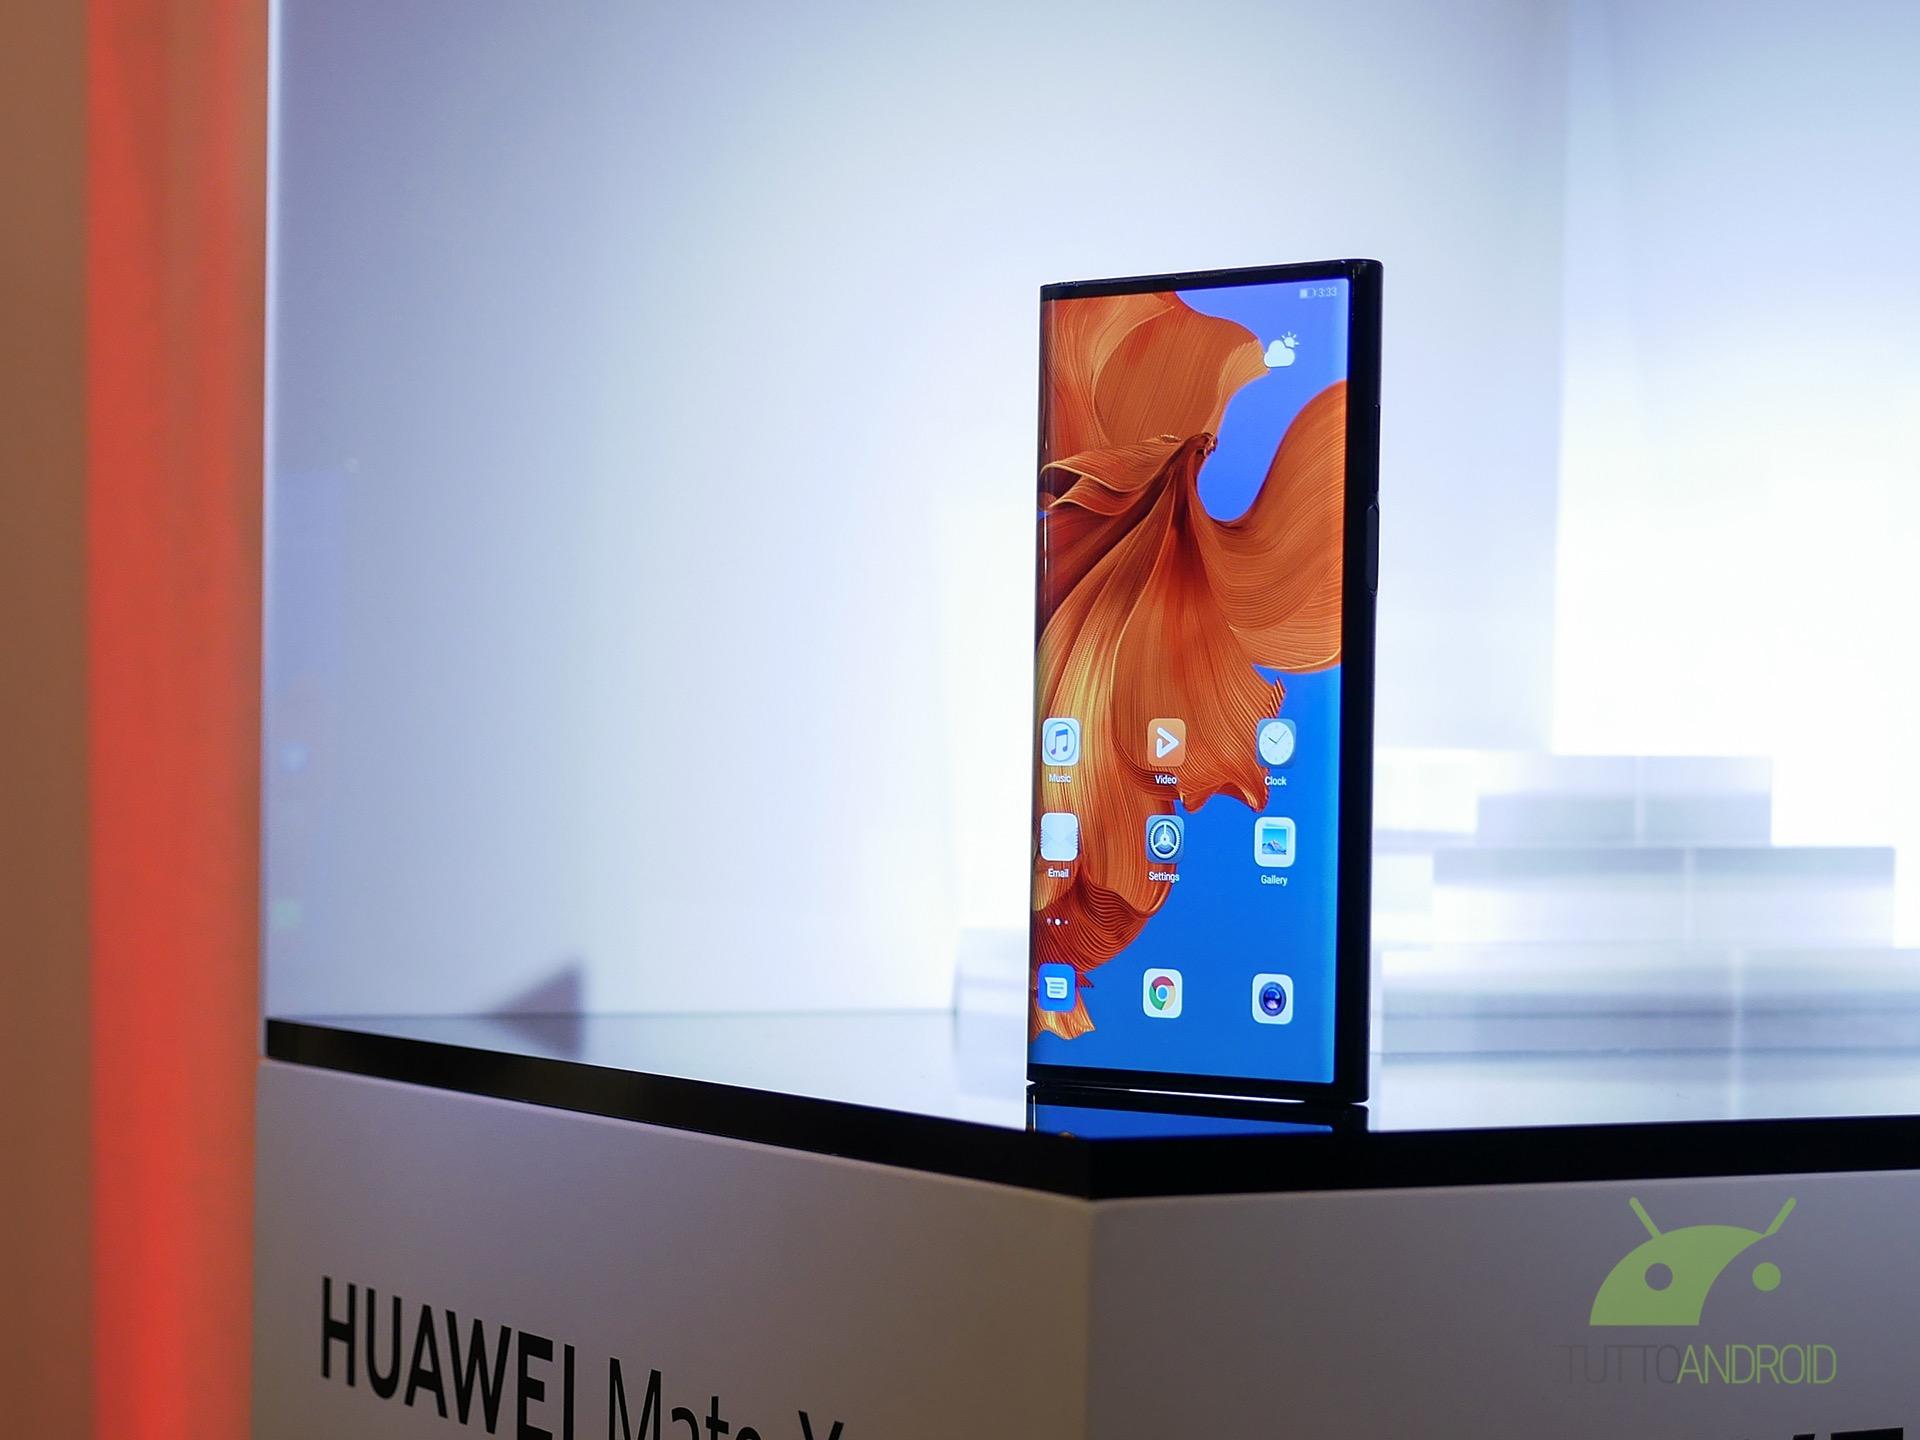 Il prezzo europeo di Huawei Mate X sarà molto più elevato di